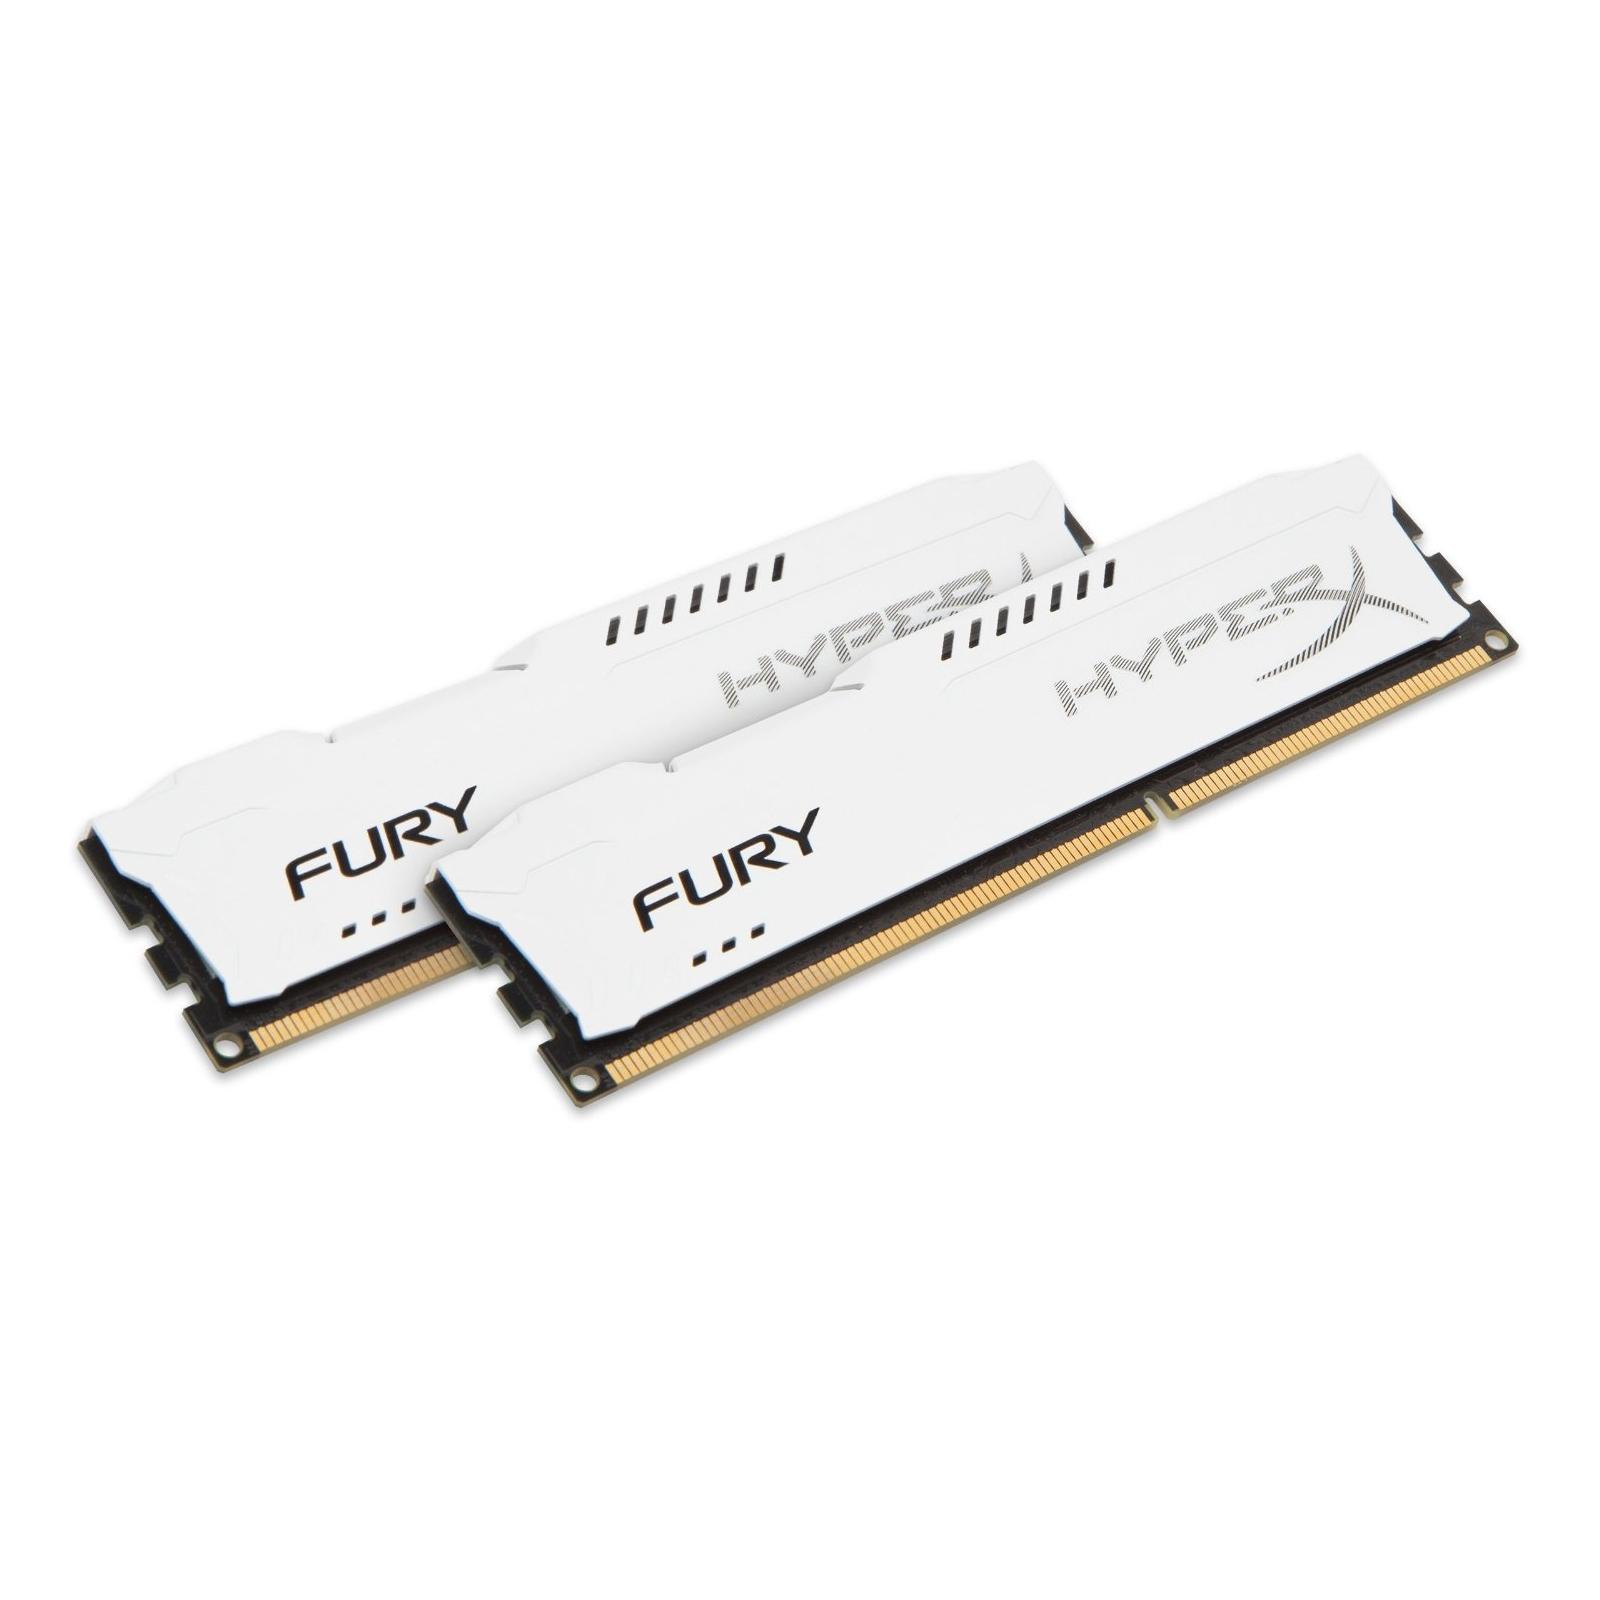 Модуль памяти для компьютера DDR3 8Gb (2x4GB) 1600 MHz HyperX Fury White Kingston (HX316C10FWK2/8) изображение 2